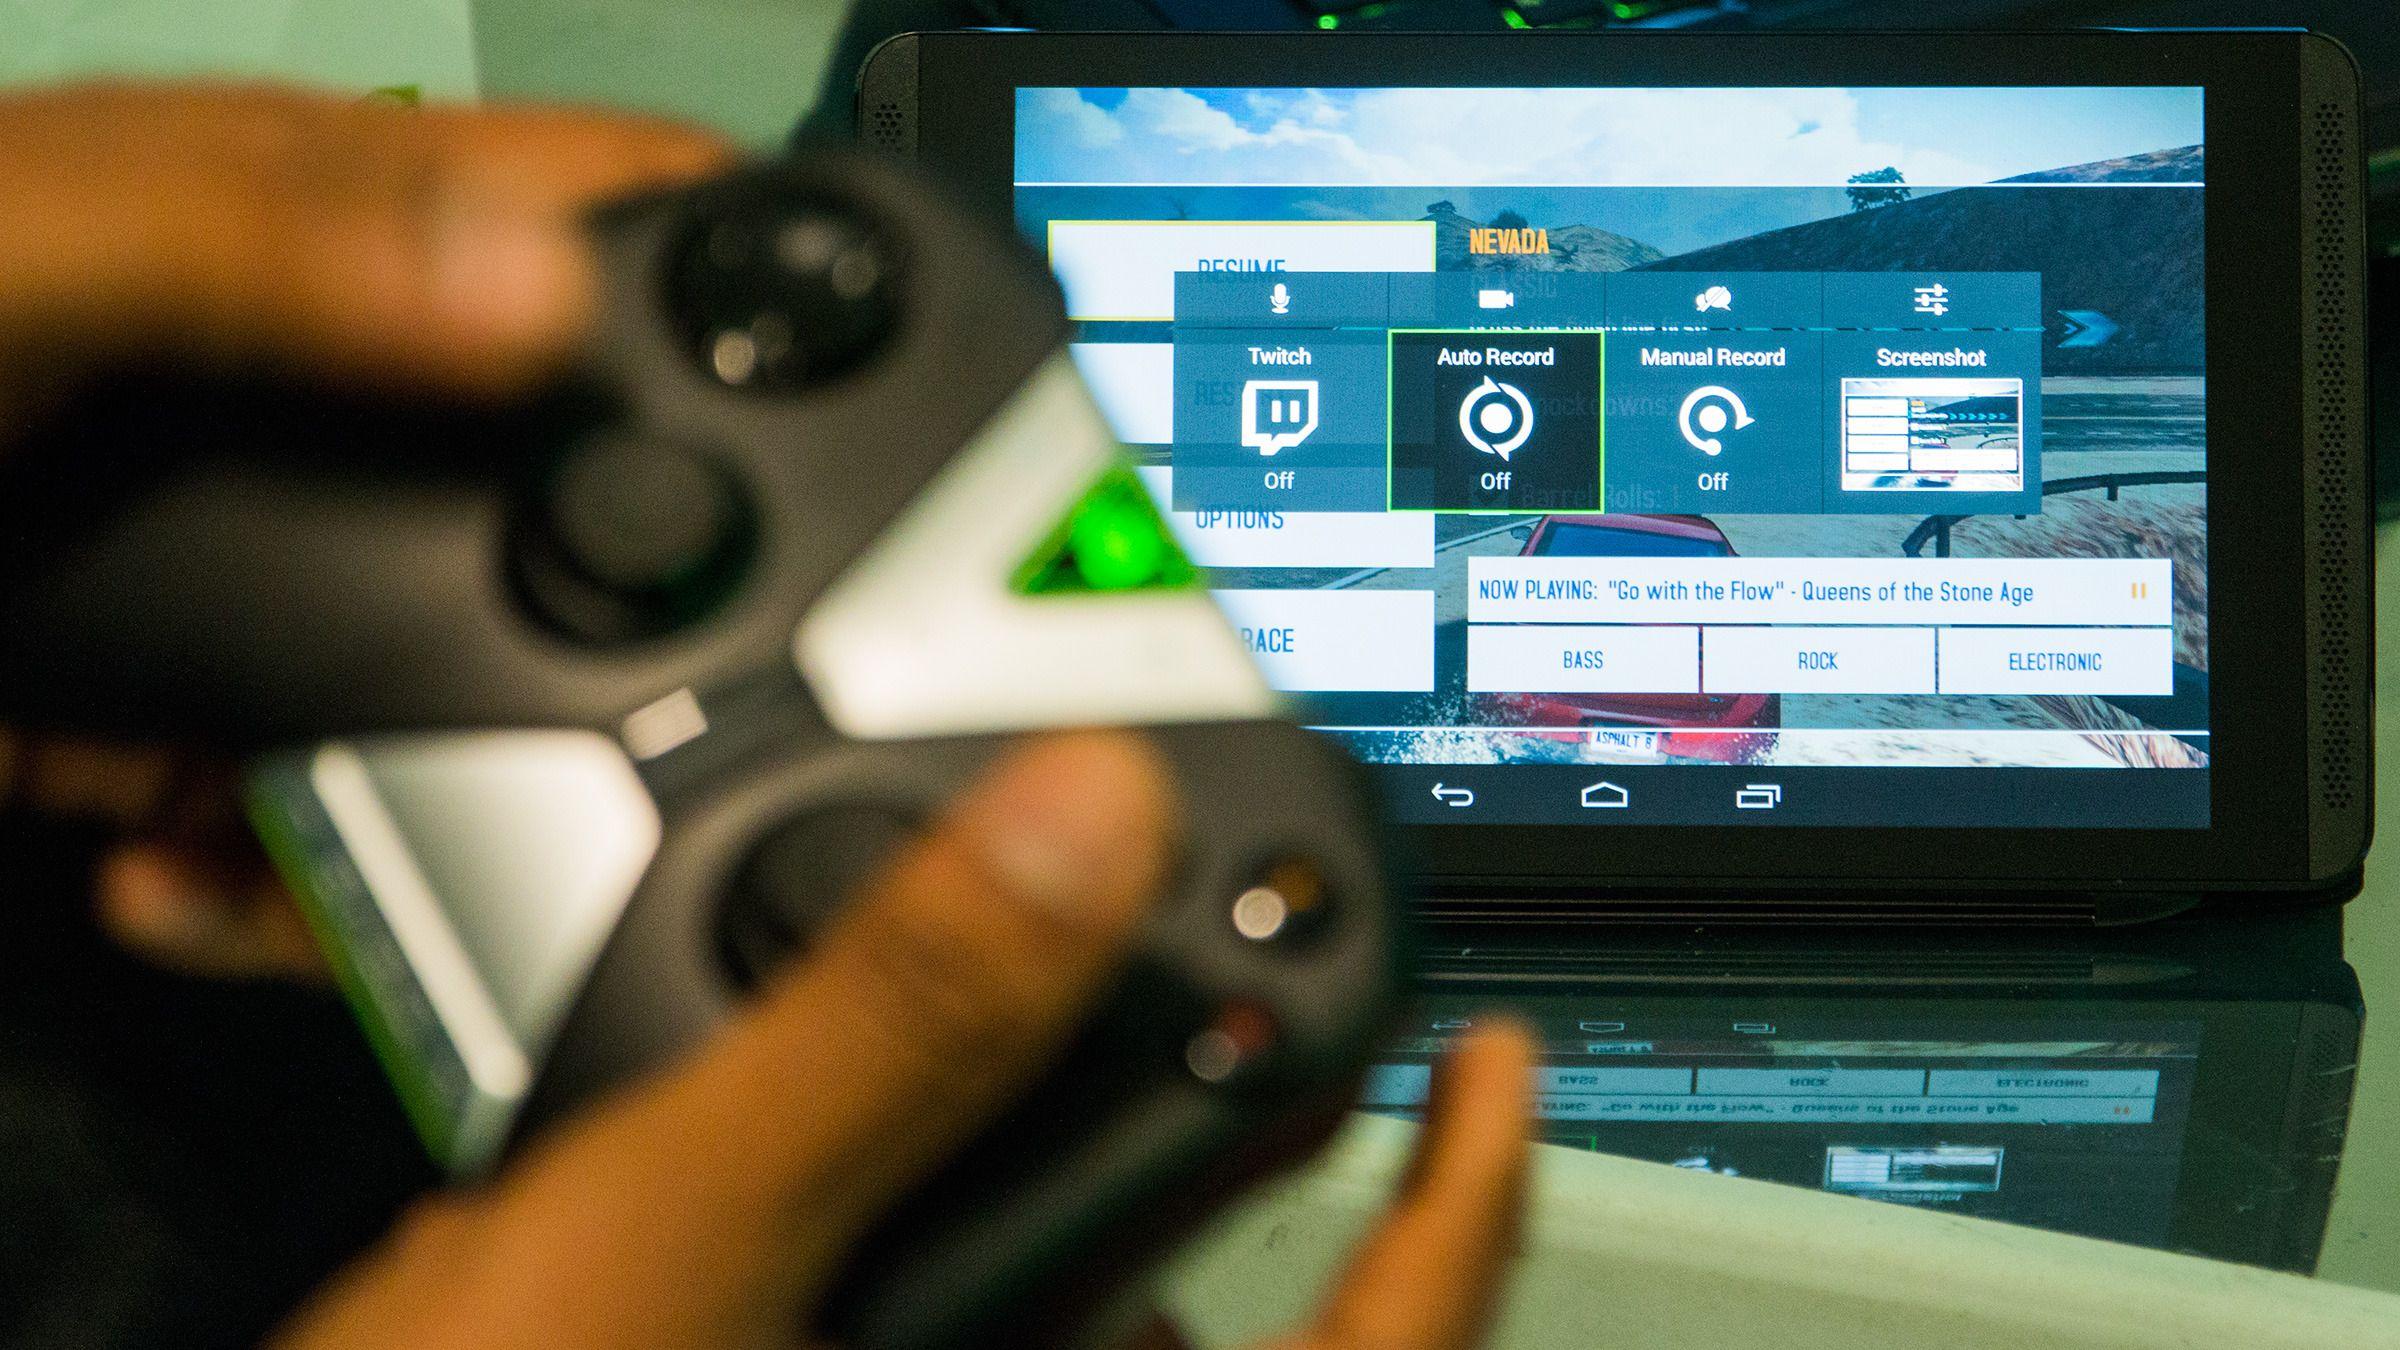 Nvidia Shield Tablet kan både strømme direkte til Twitch og ta opp spilløkter med den samme Shadowplay-funksjonen vi kjenner fra PC.Foto: Varg Aamo, Hardware.no